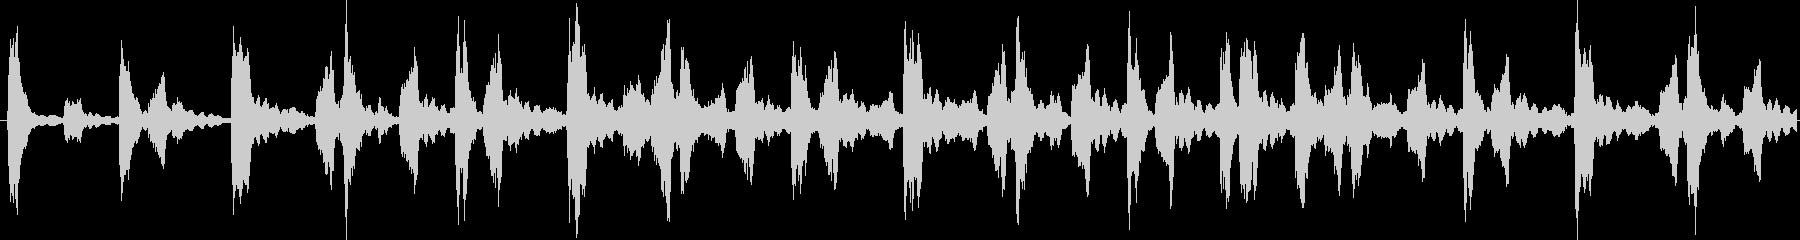 エレクトロなイメージをした楽曲です。の未再生の波形